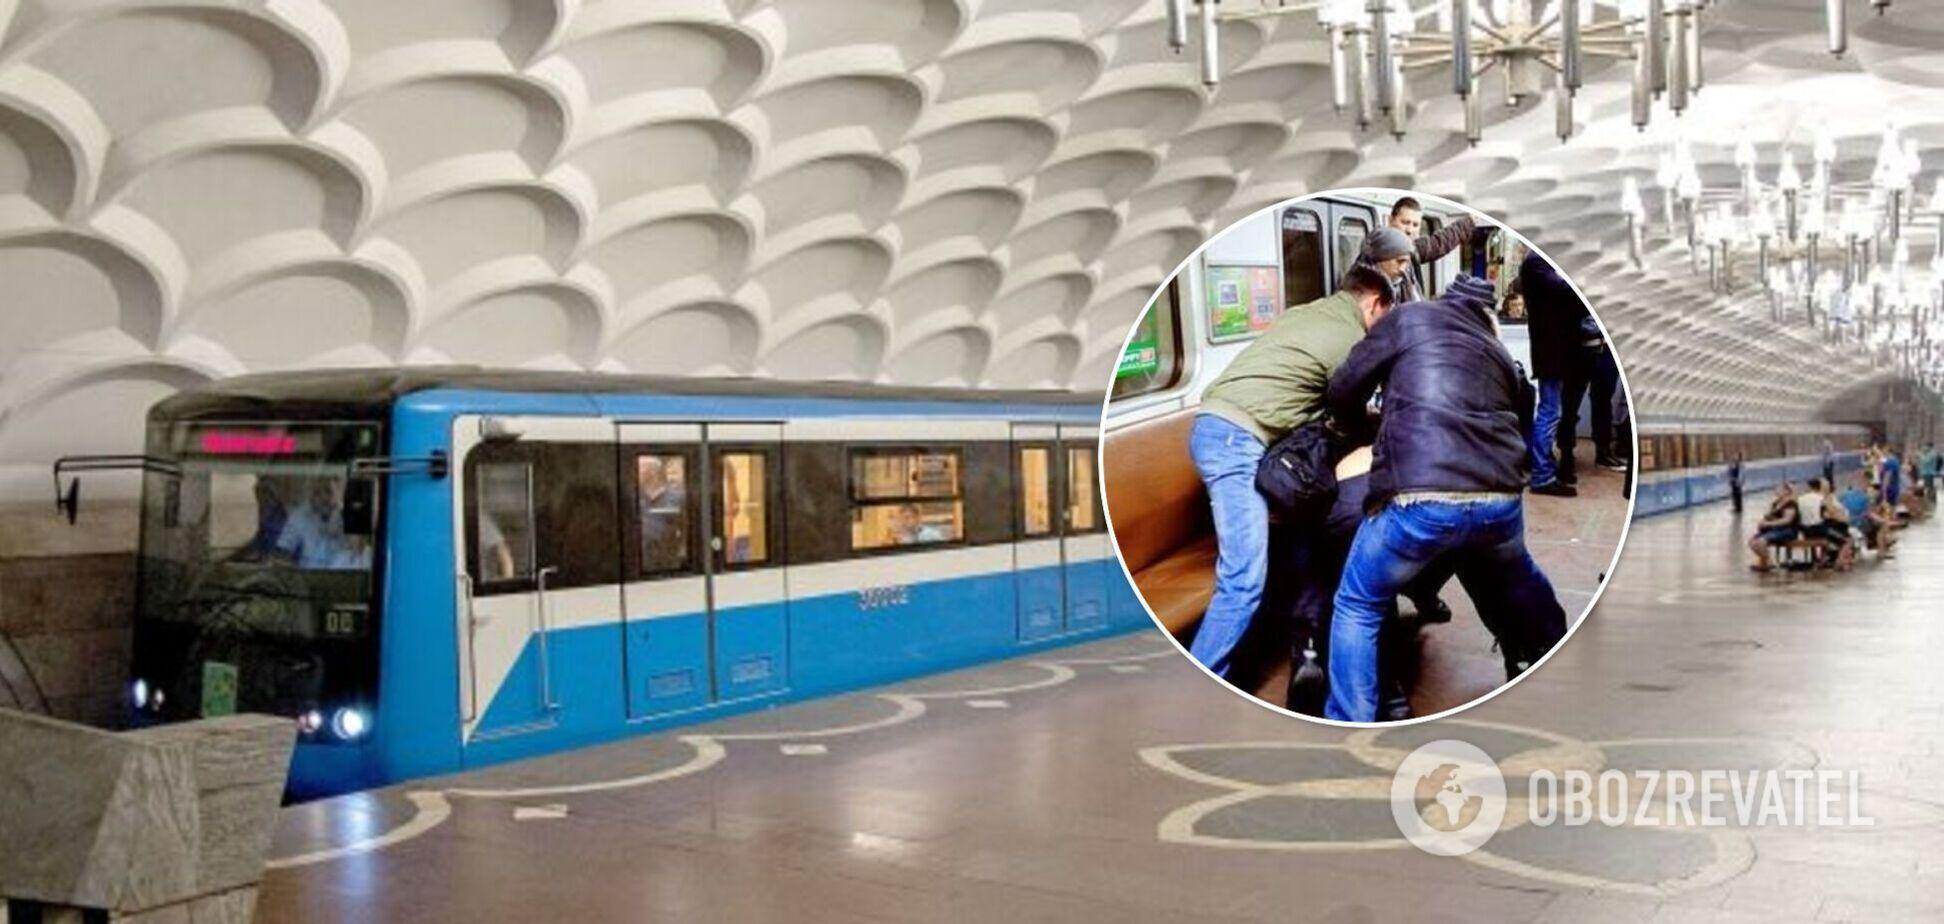 В метро Харькова мужчина одним ударом оставил без сознания пассажира. Видео